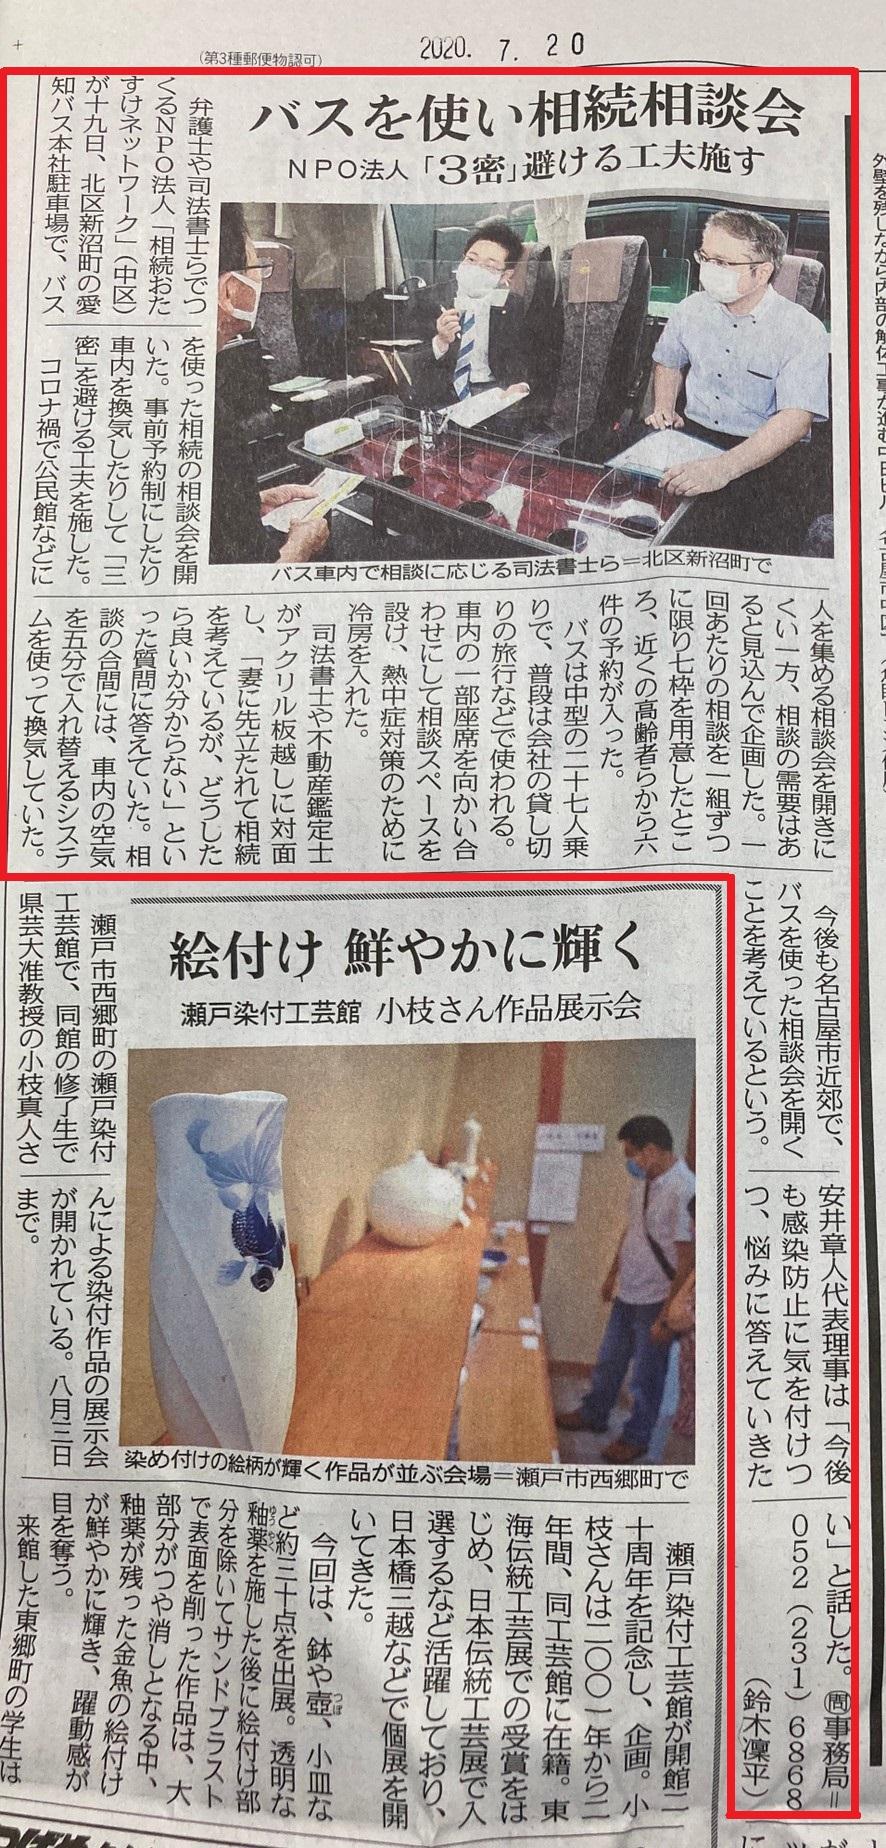 中日新聞 記事